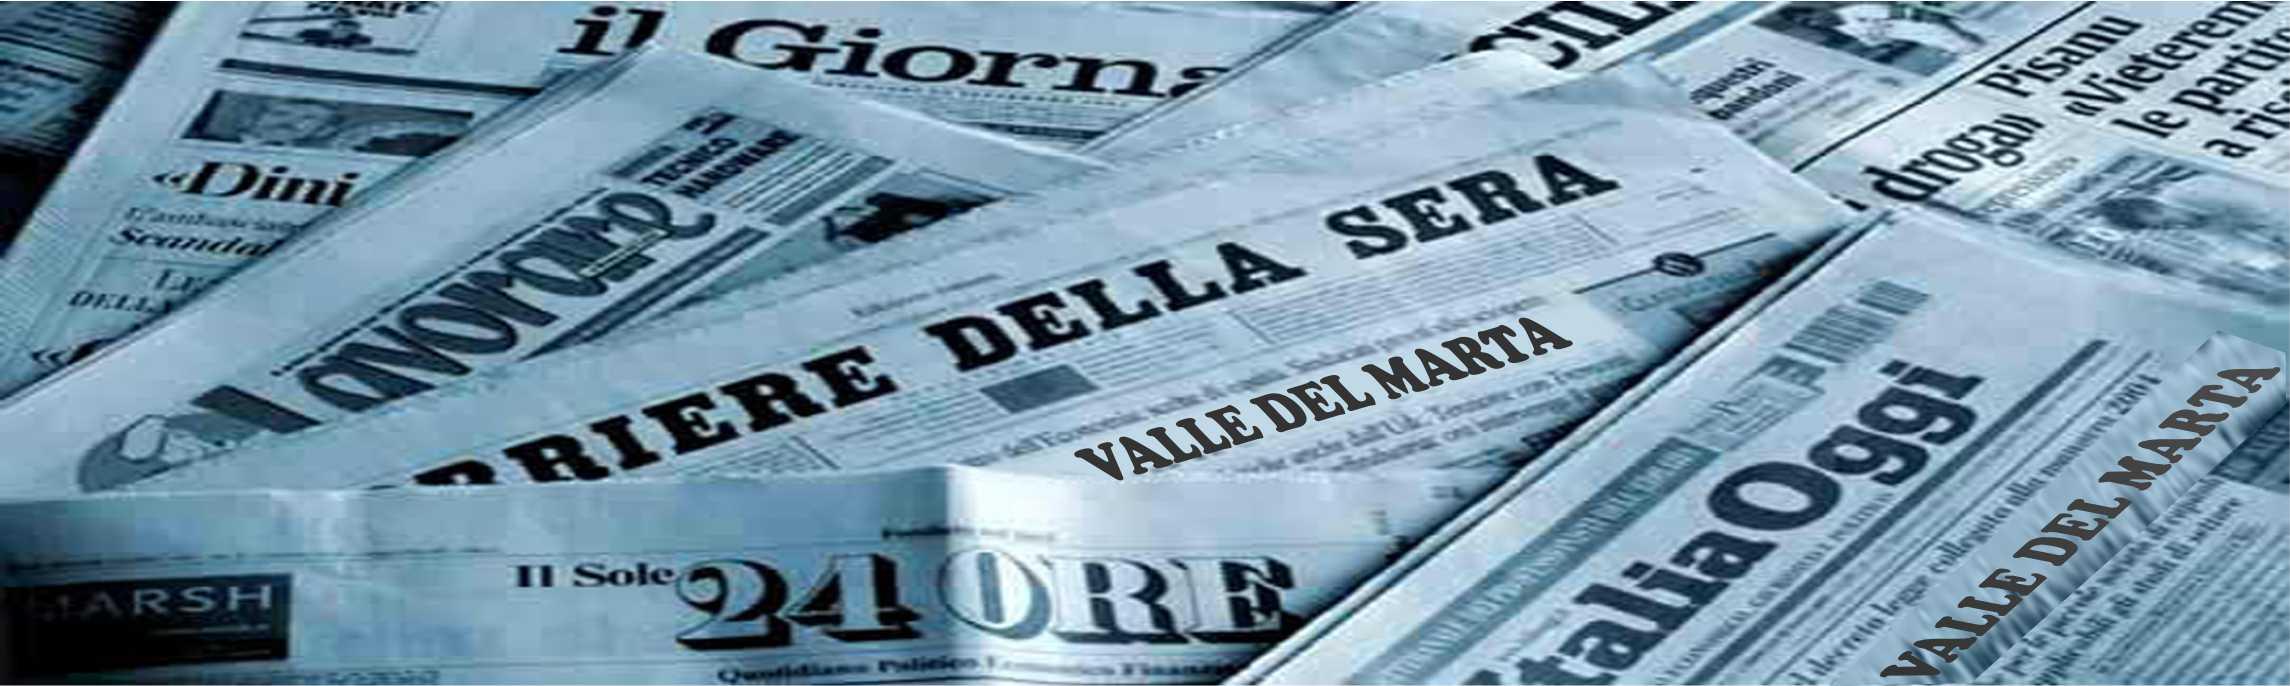 rassegna stampa valledelmarta